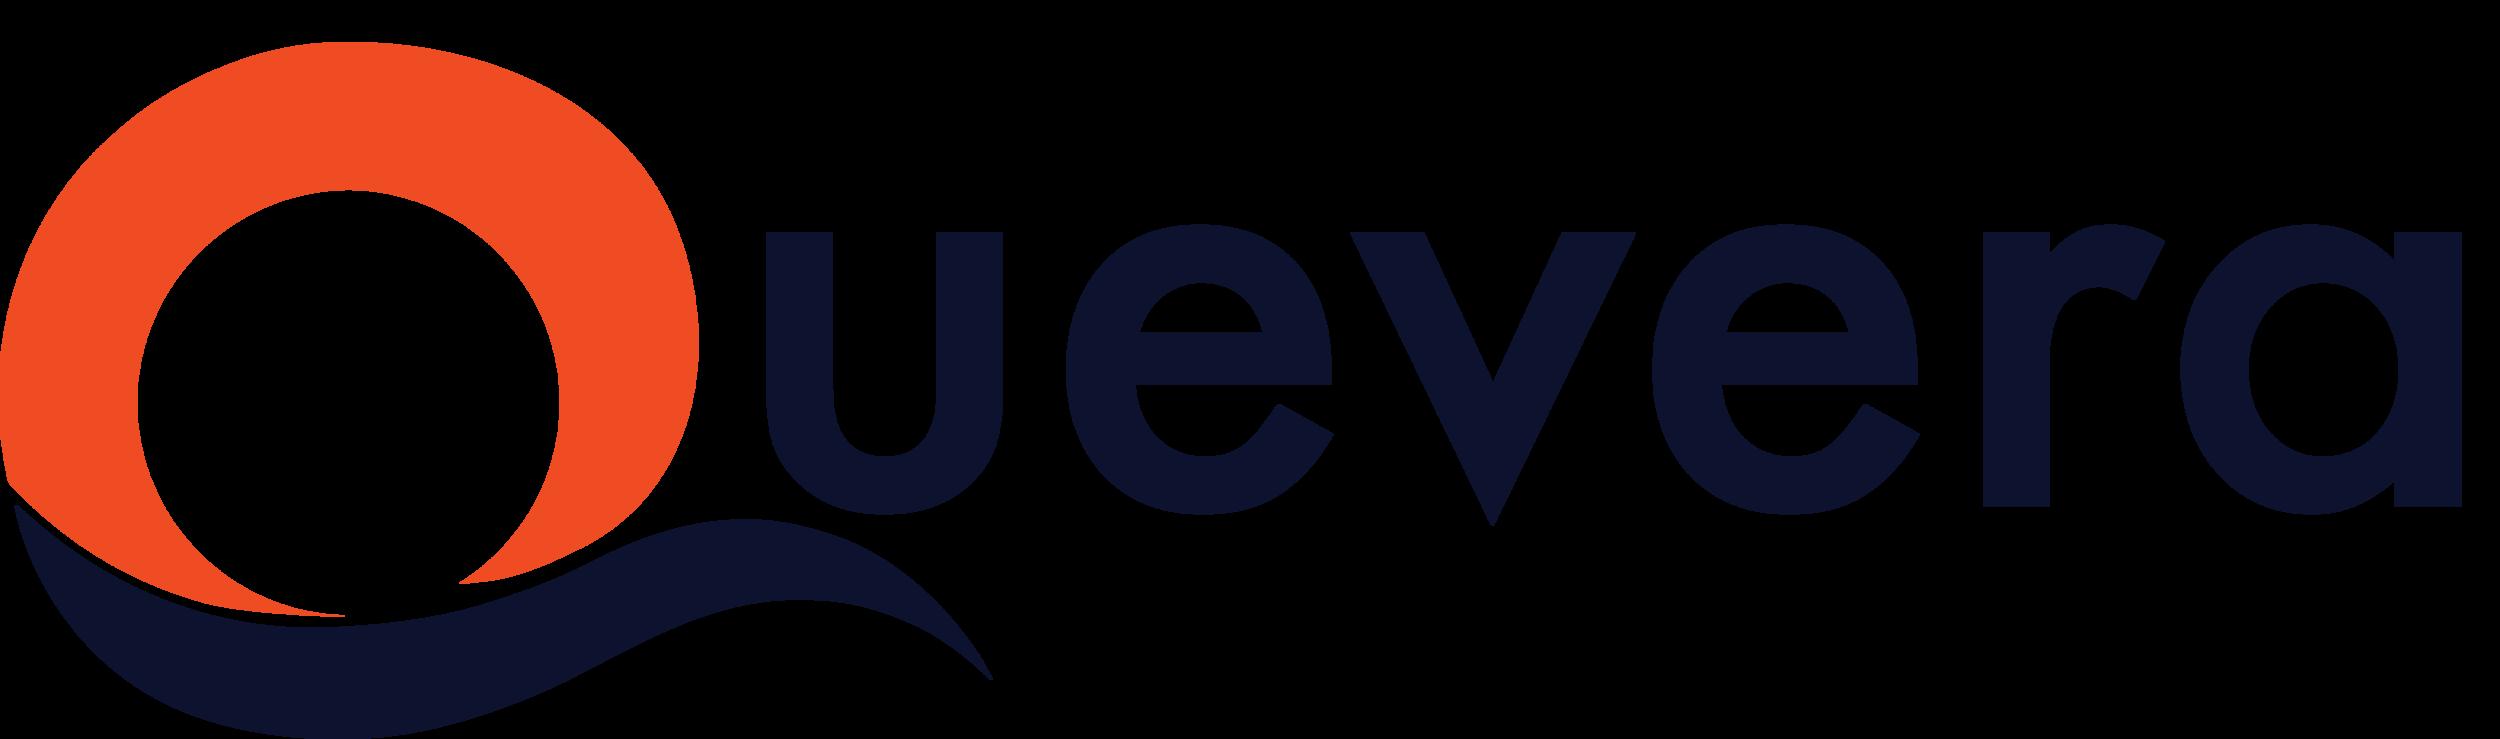 quevera_logo_2018.png